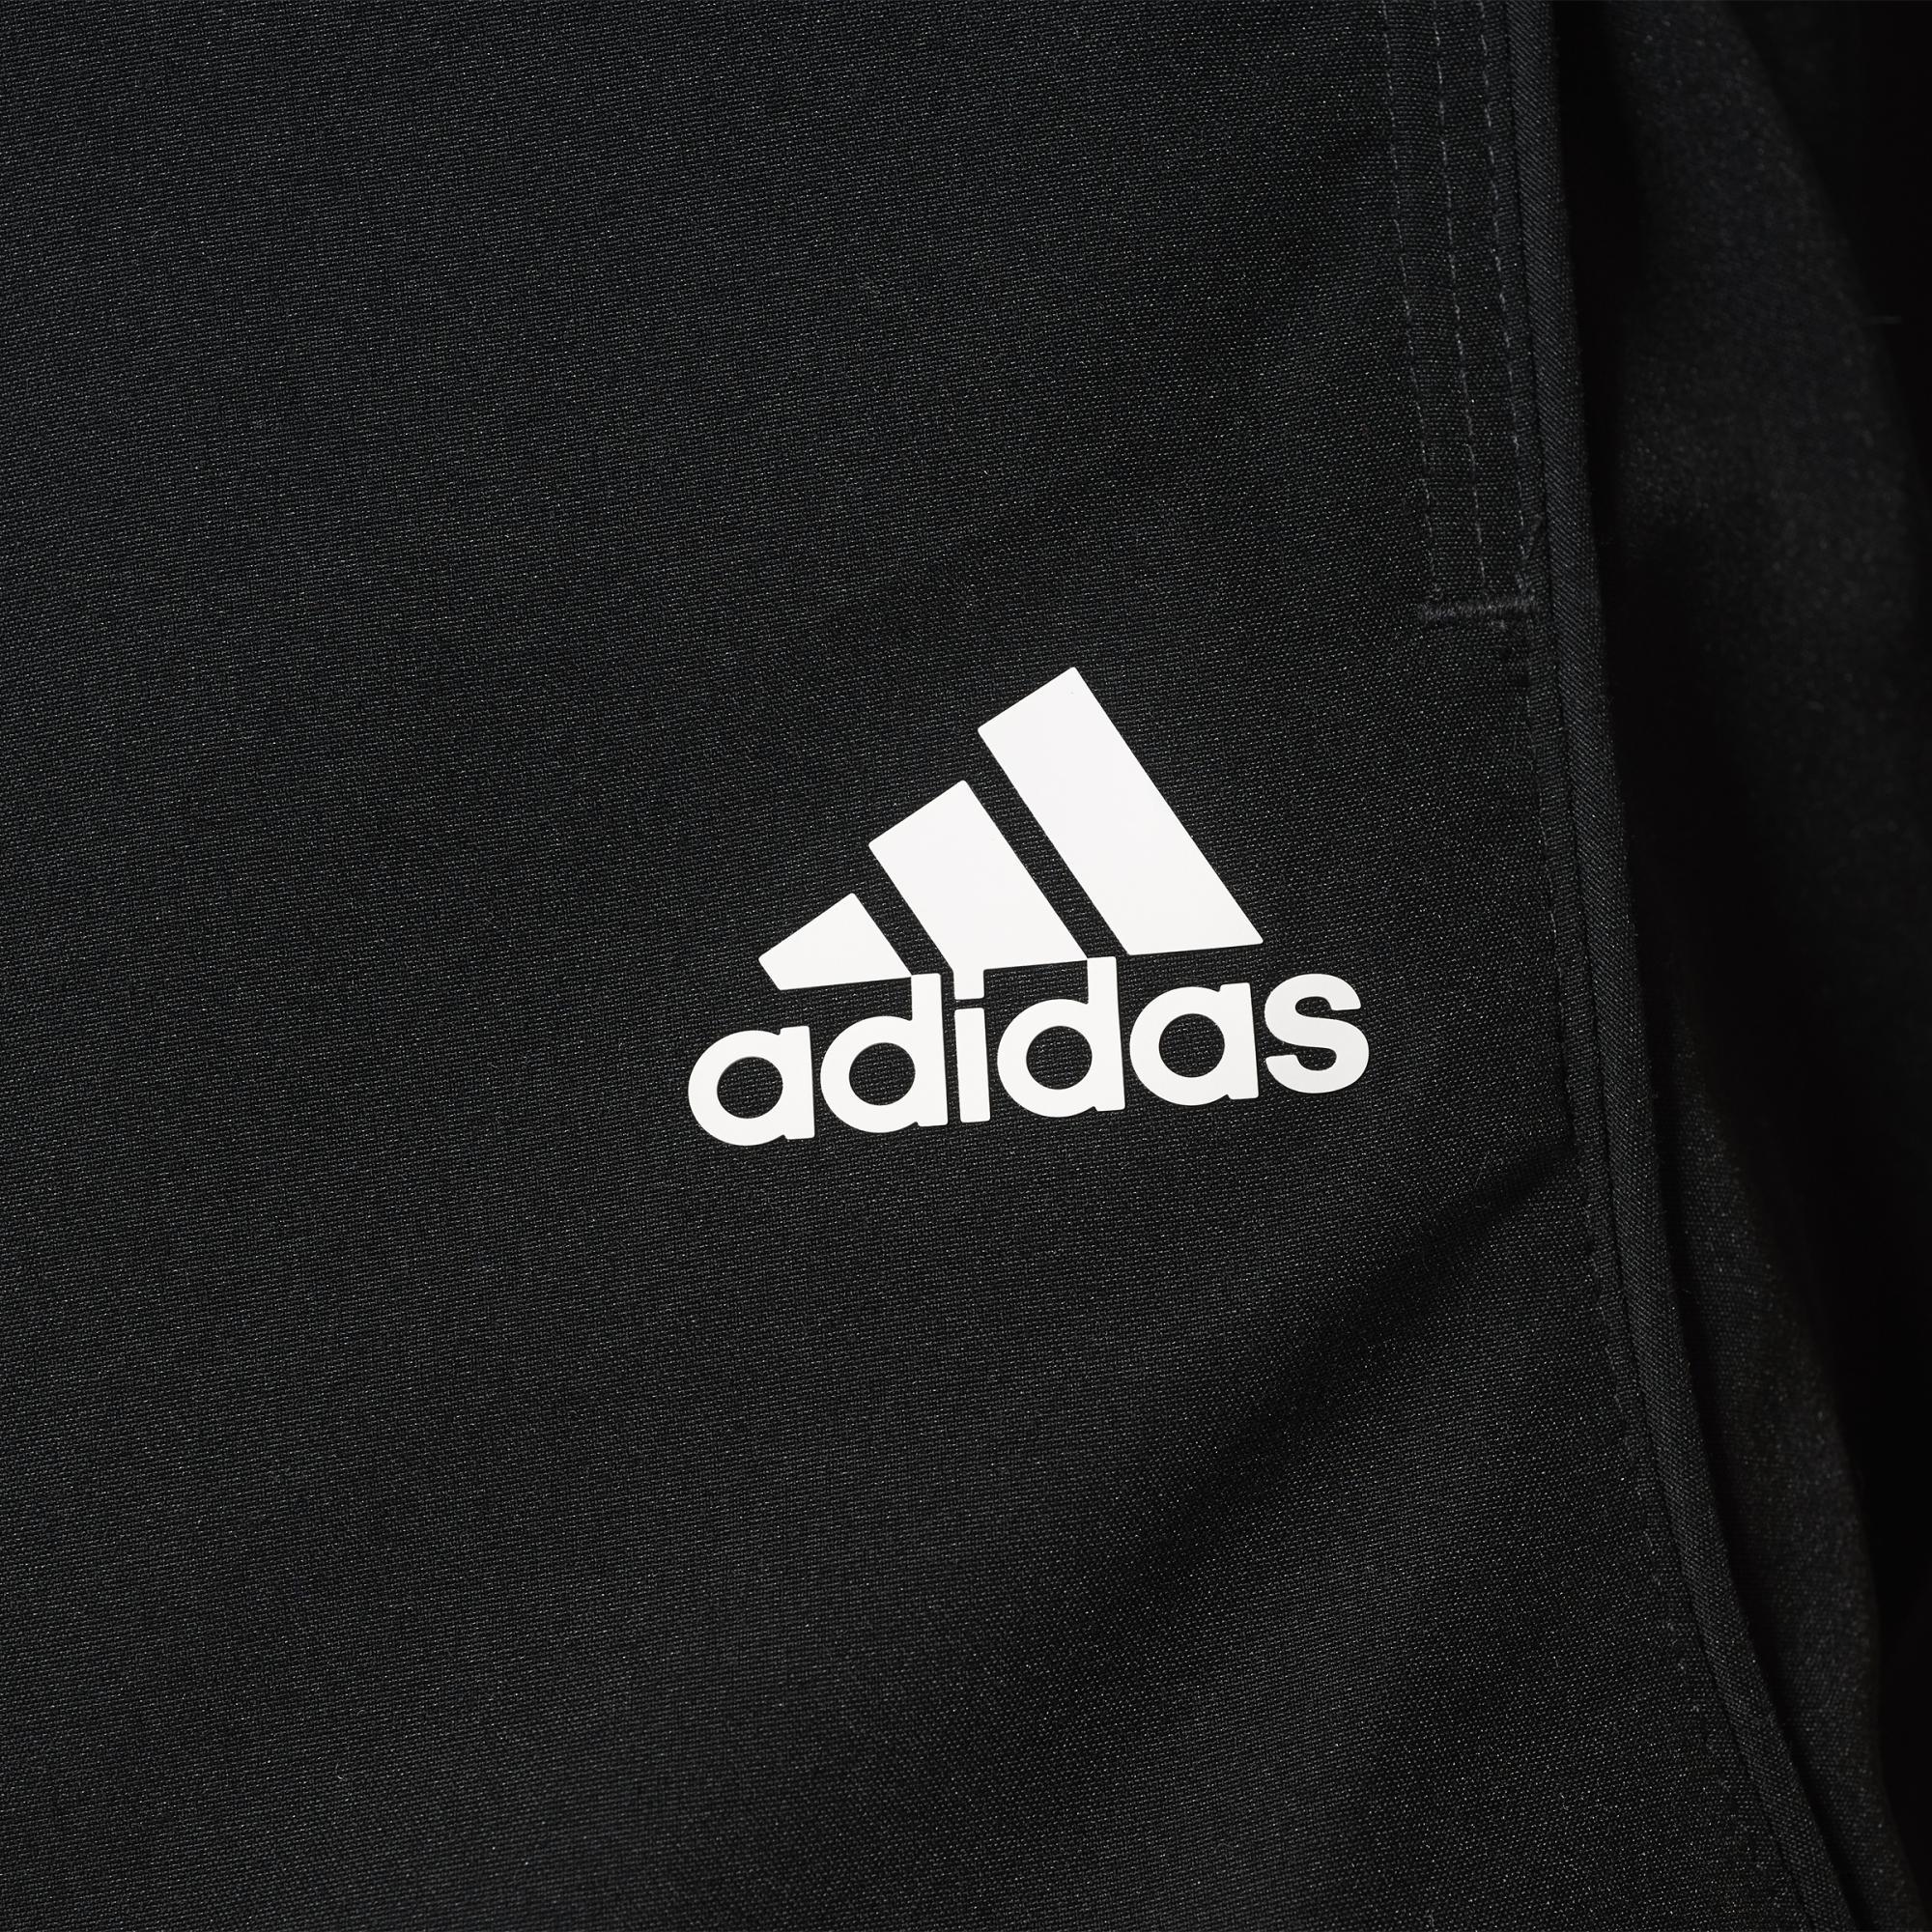 szorty spodenki męskie adidas r L S17593 7716796301